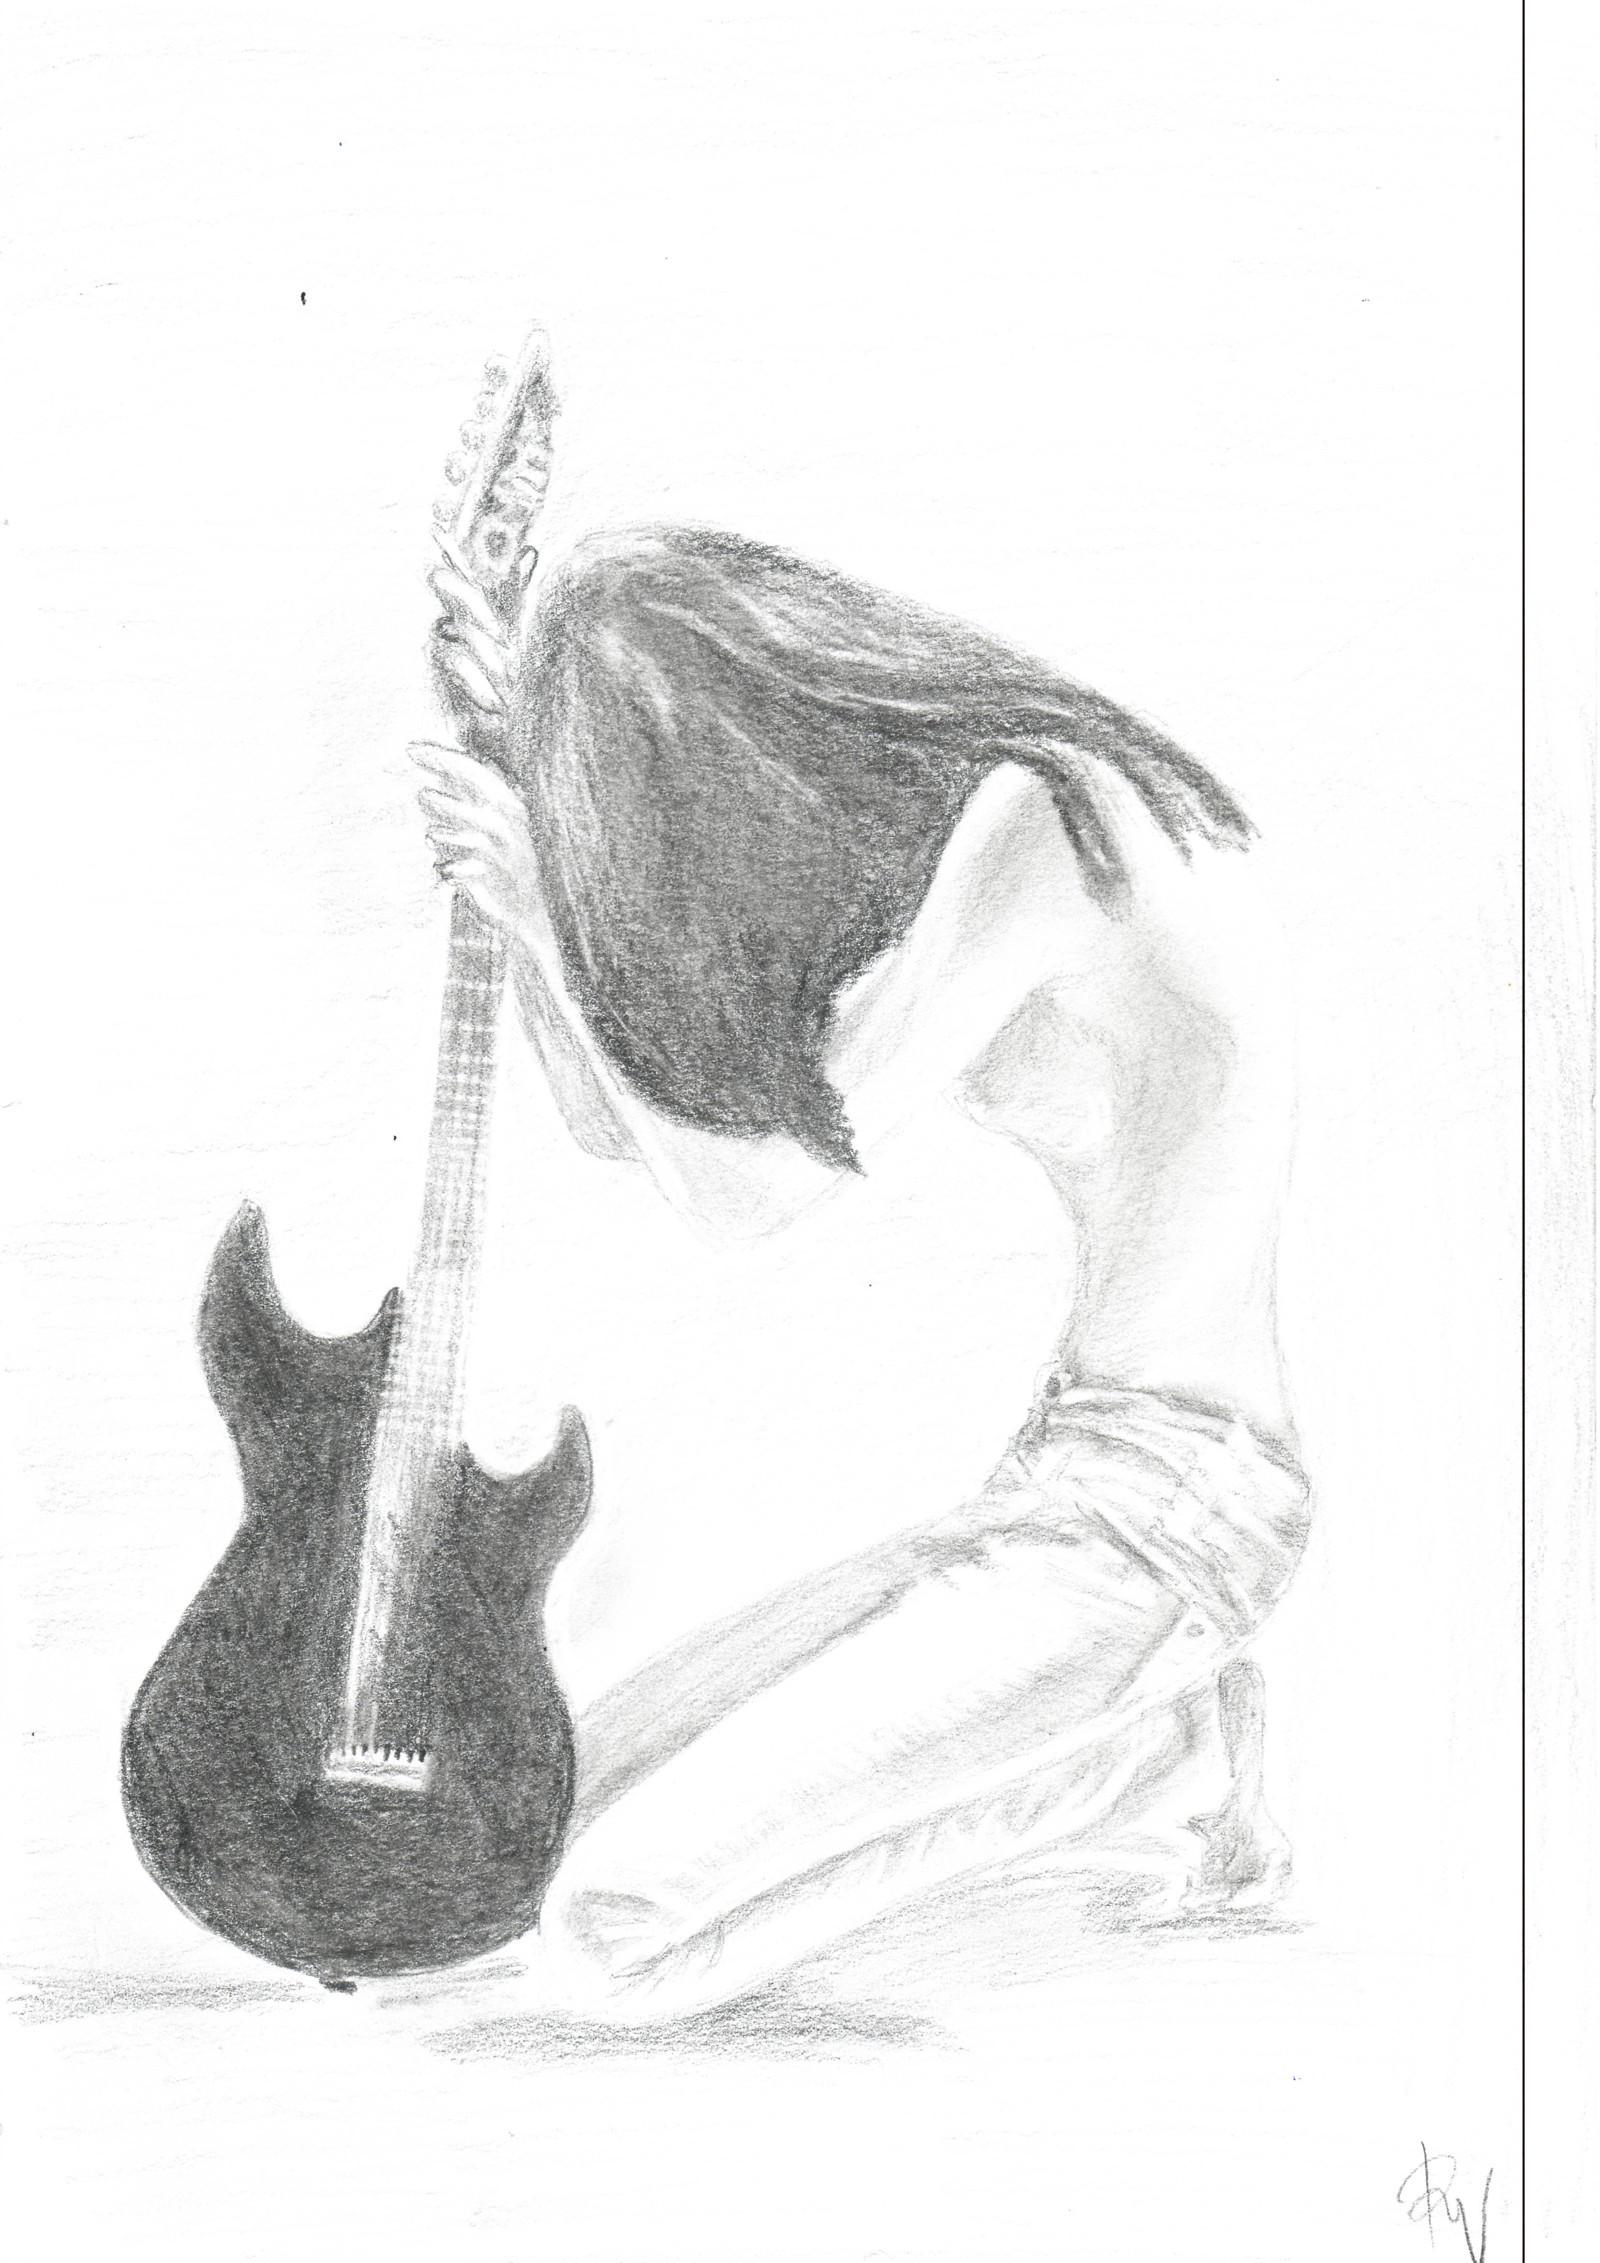 Kytara Zbozi Prodejce Radkawy Fler Cz